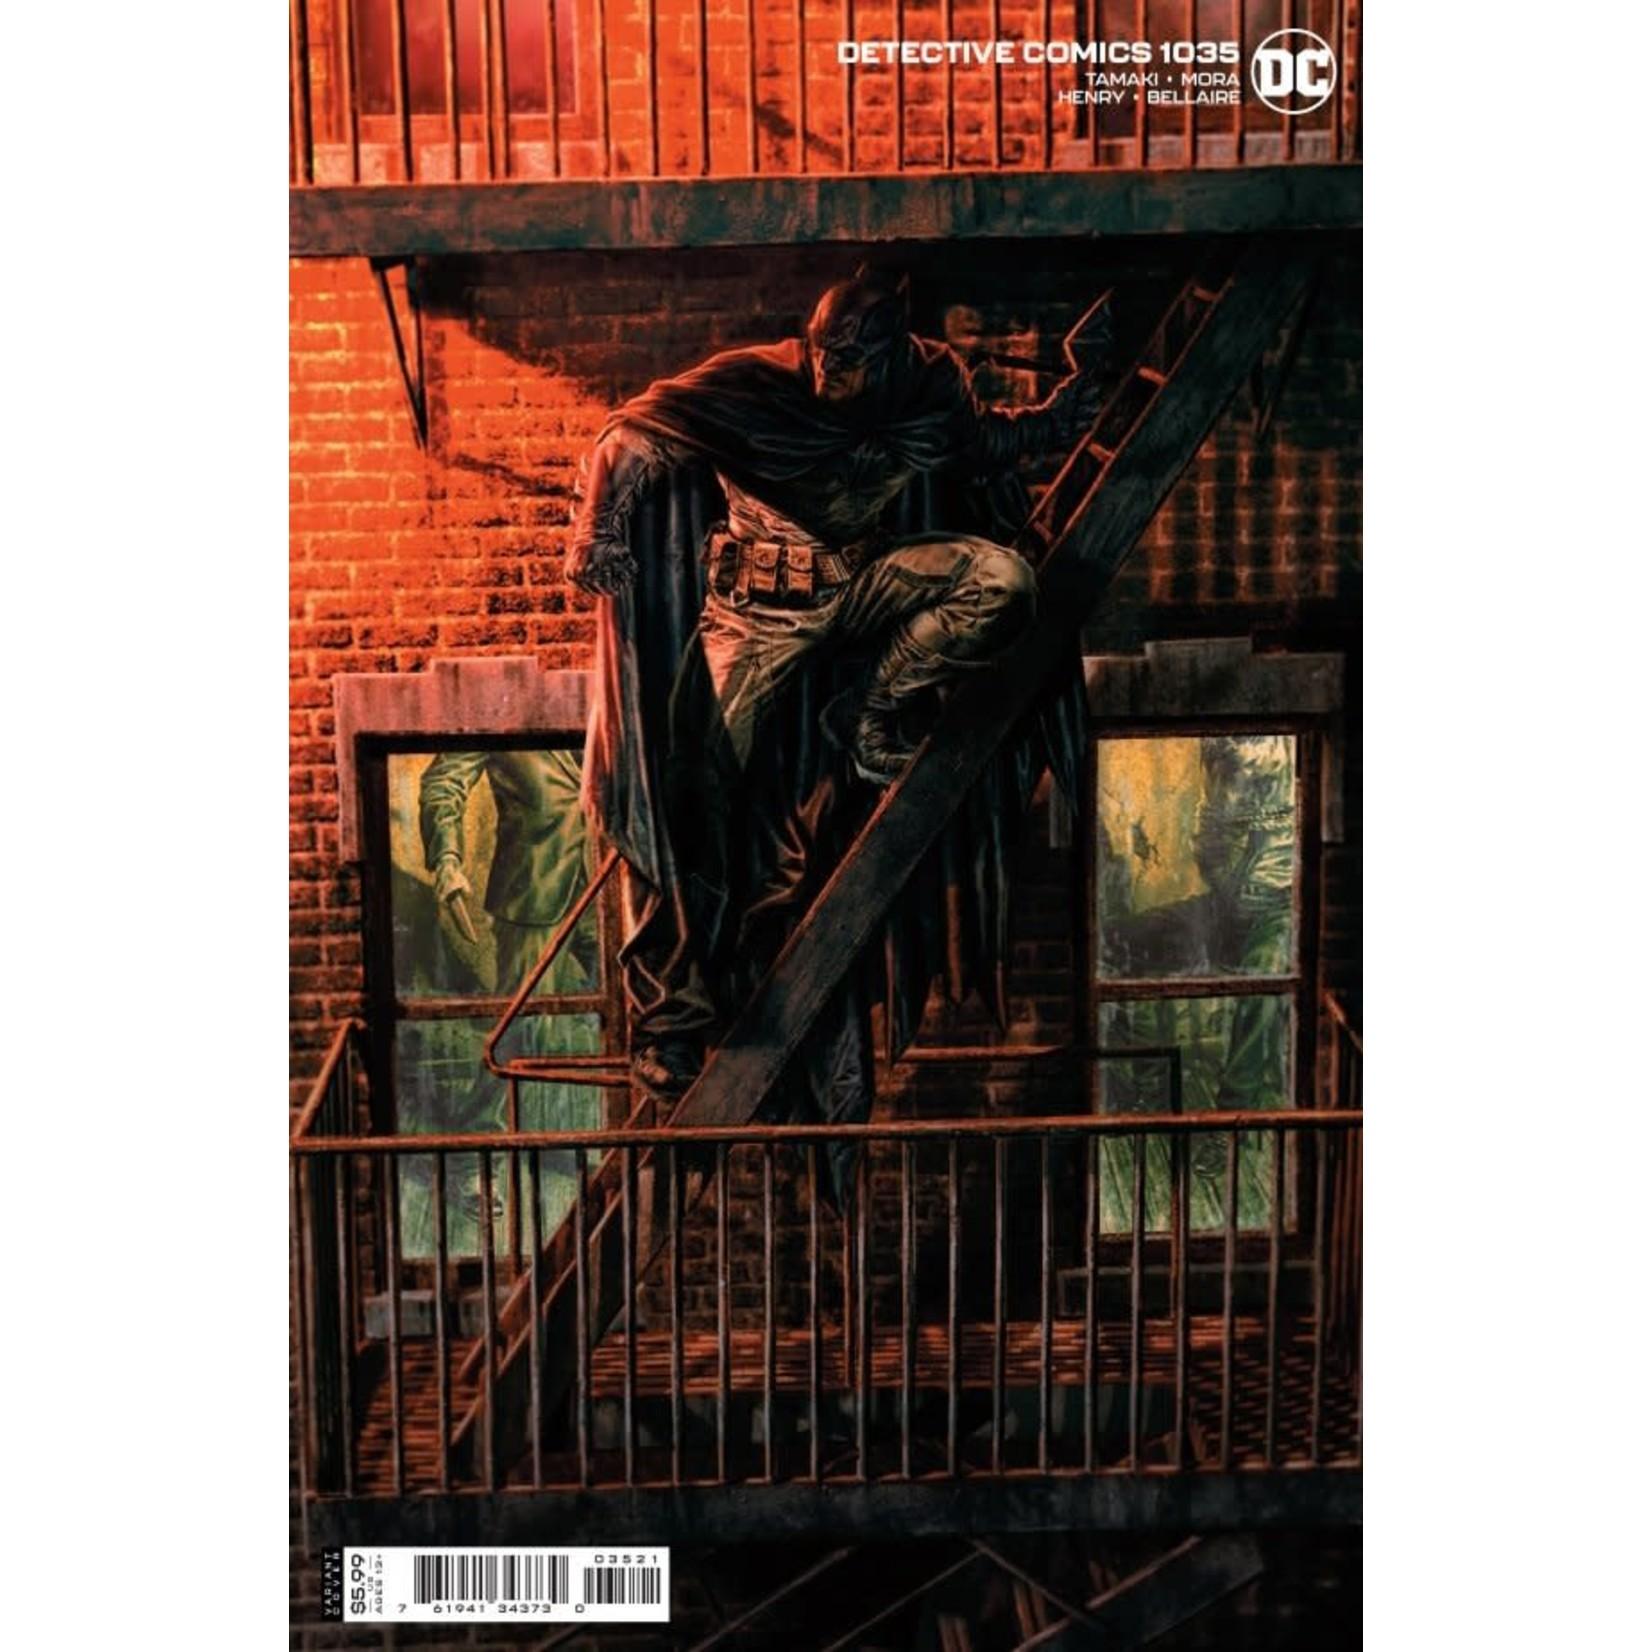 DC Comics Detective Comics #1035 Card Stock Variant Edition